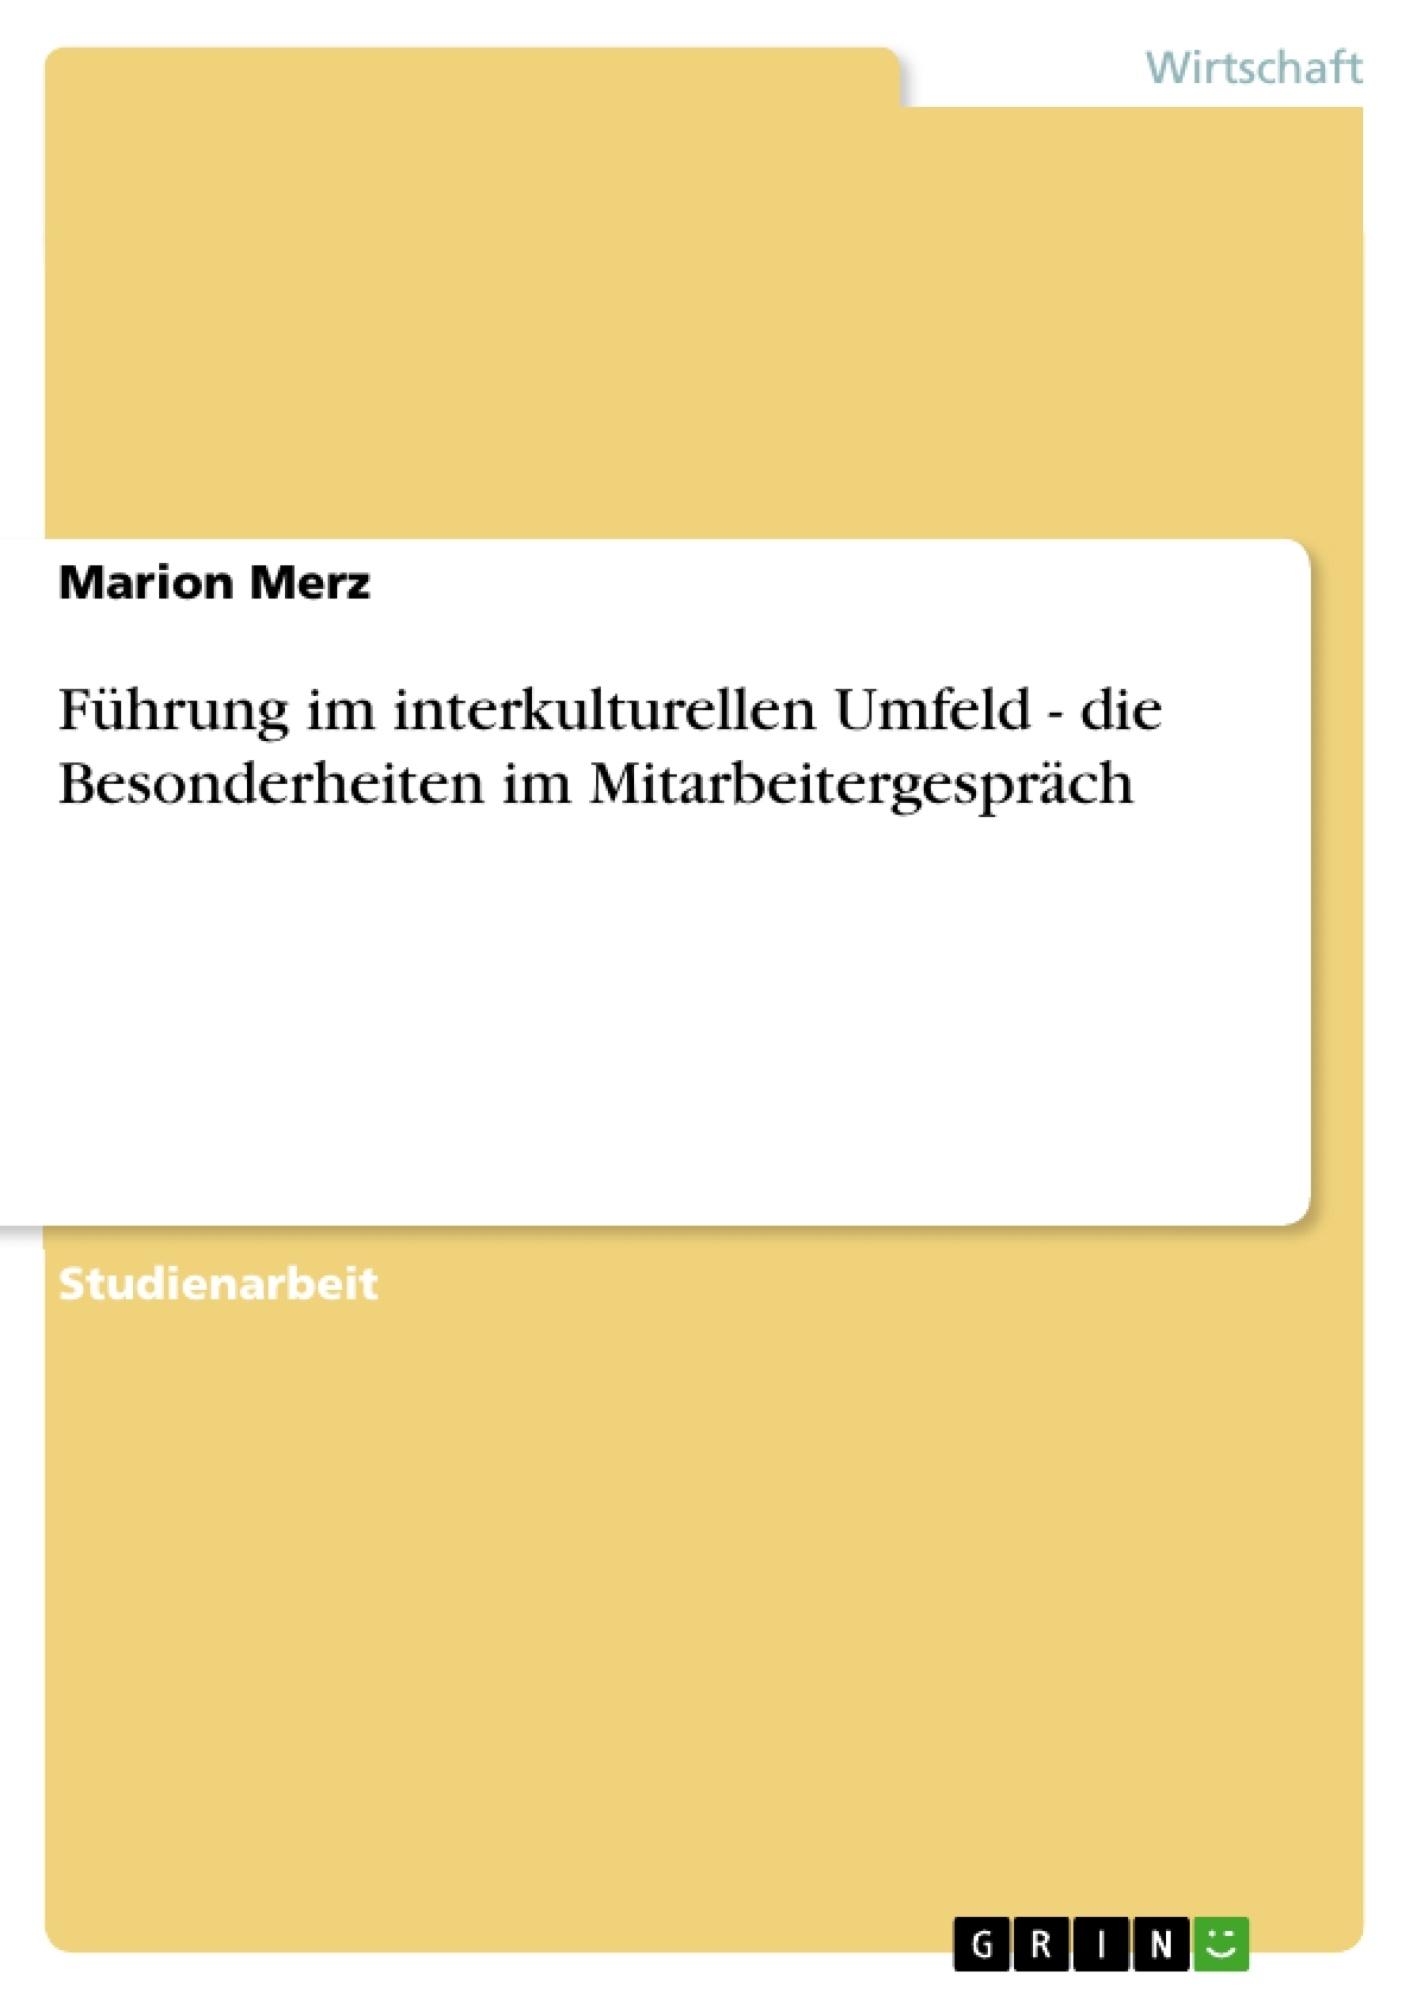 Titel: Führung im interkulturellen Umfeld - die Besonderheiten im Mitarbeitergespräch